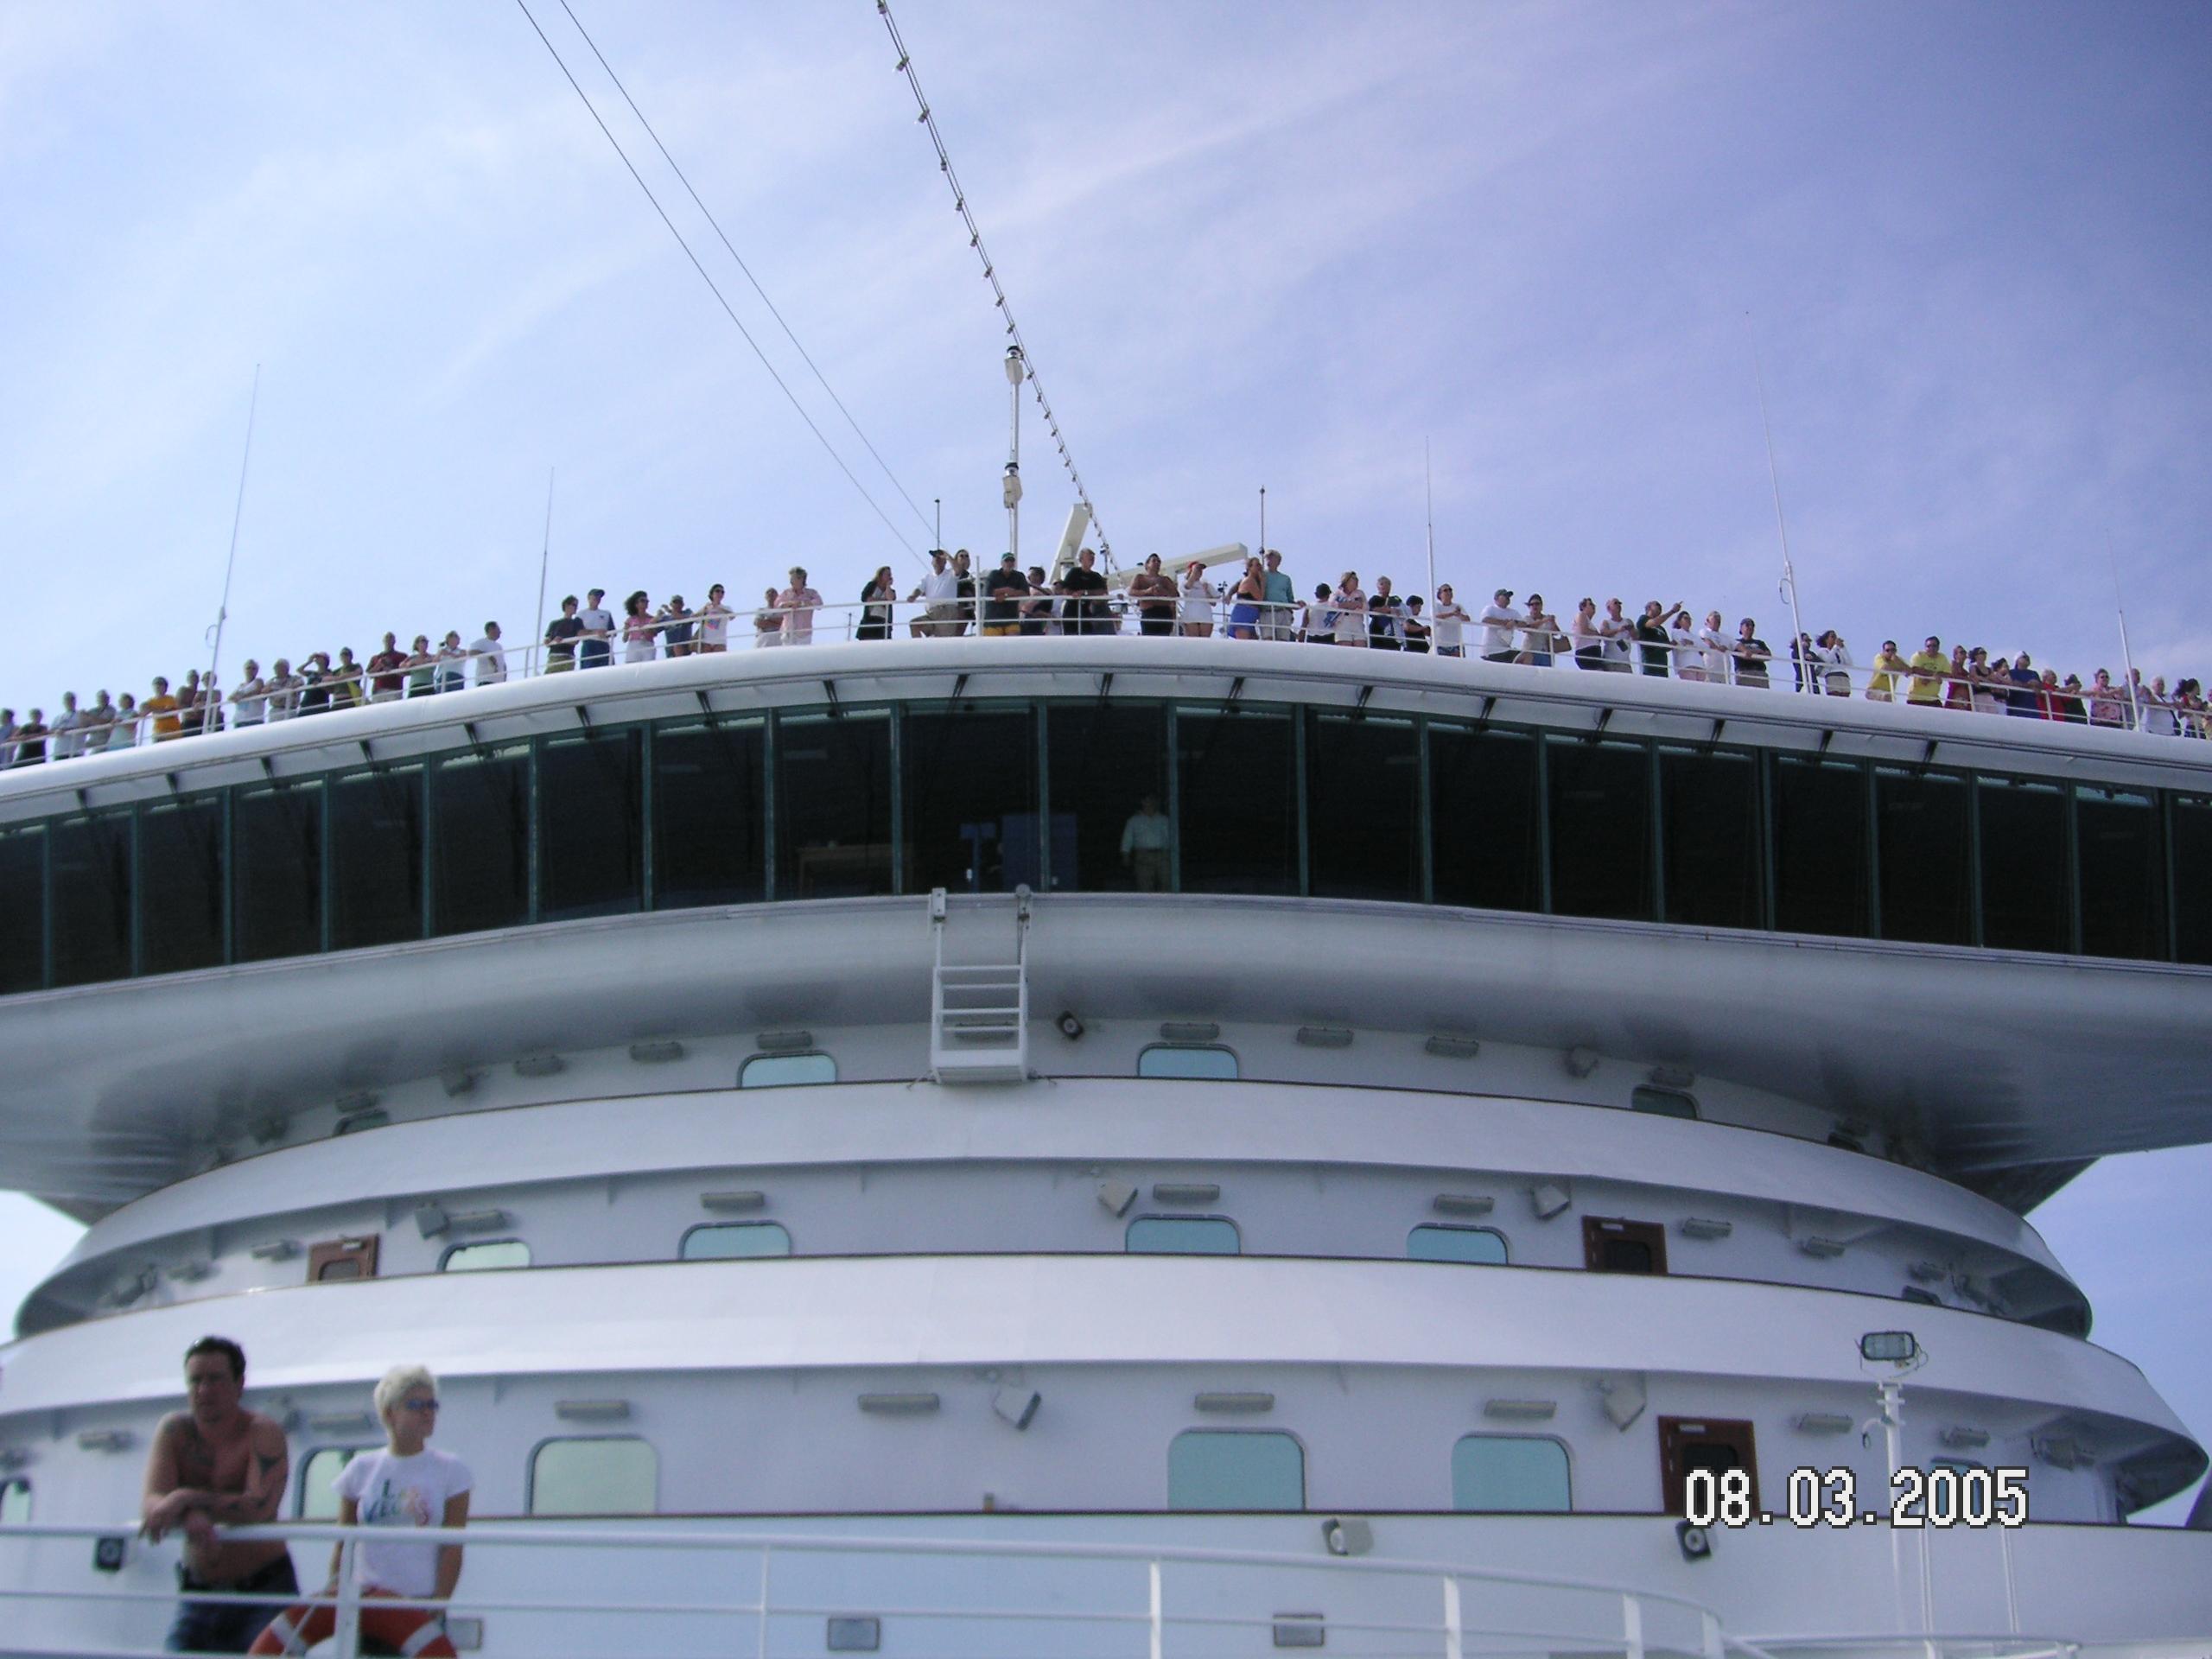 Pasażerowie na tarasie widokowym nad mostkiem kapitańskim (fot. Archiwum prywatne)